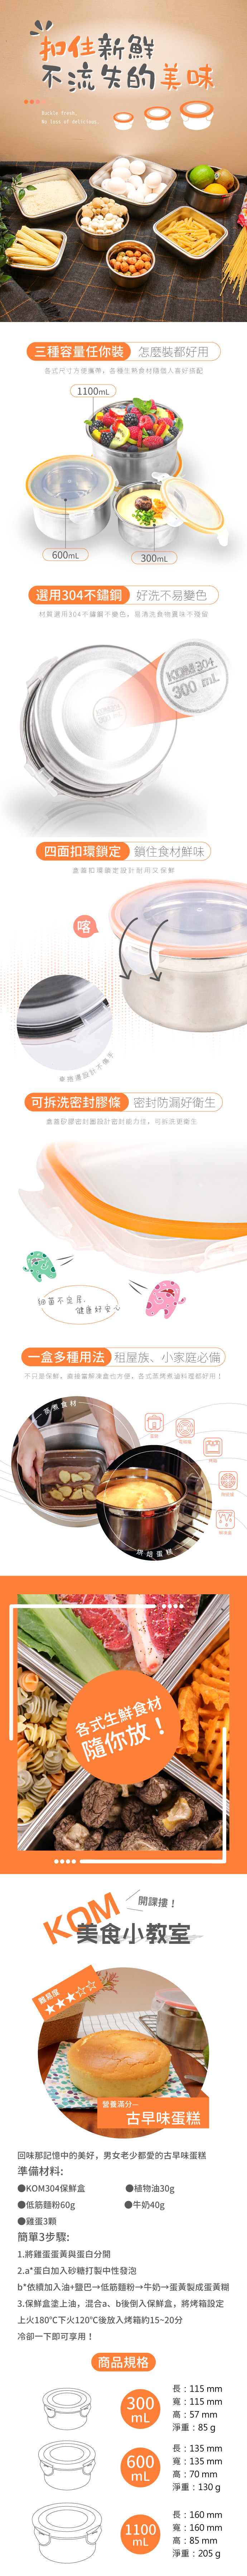 (複製)KOM|日式不鏽鋼保鮮盒三件組 方型